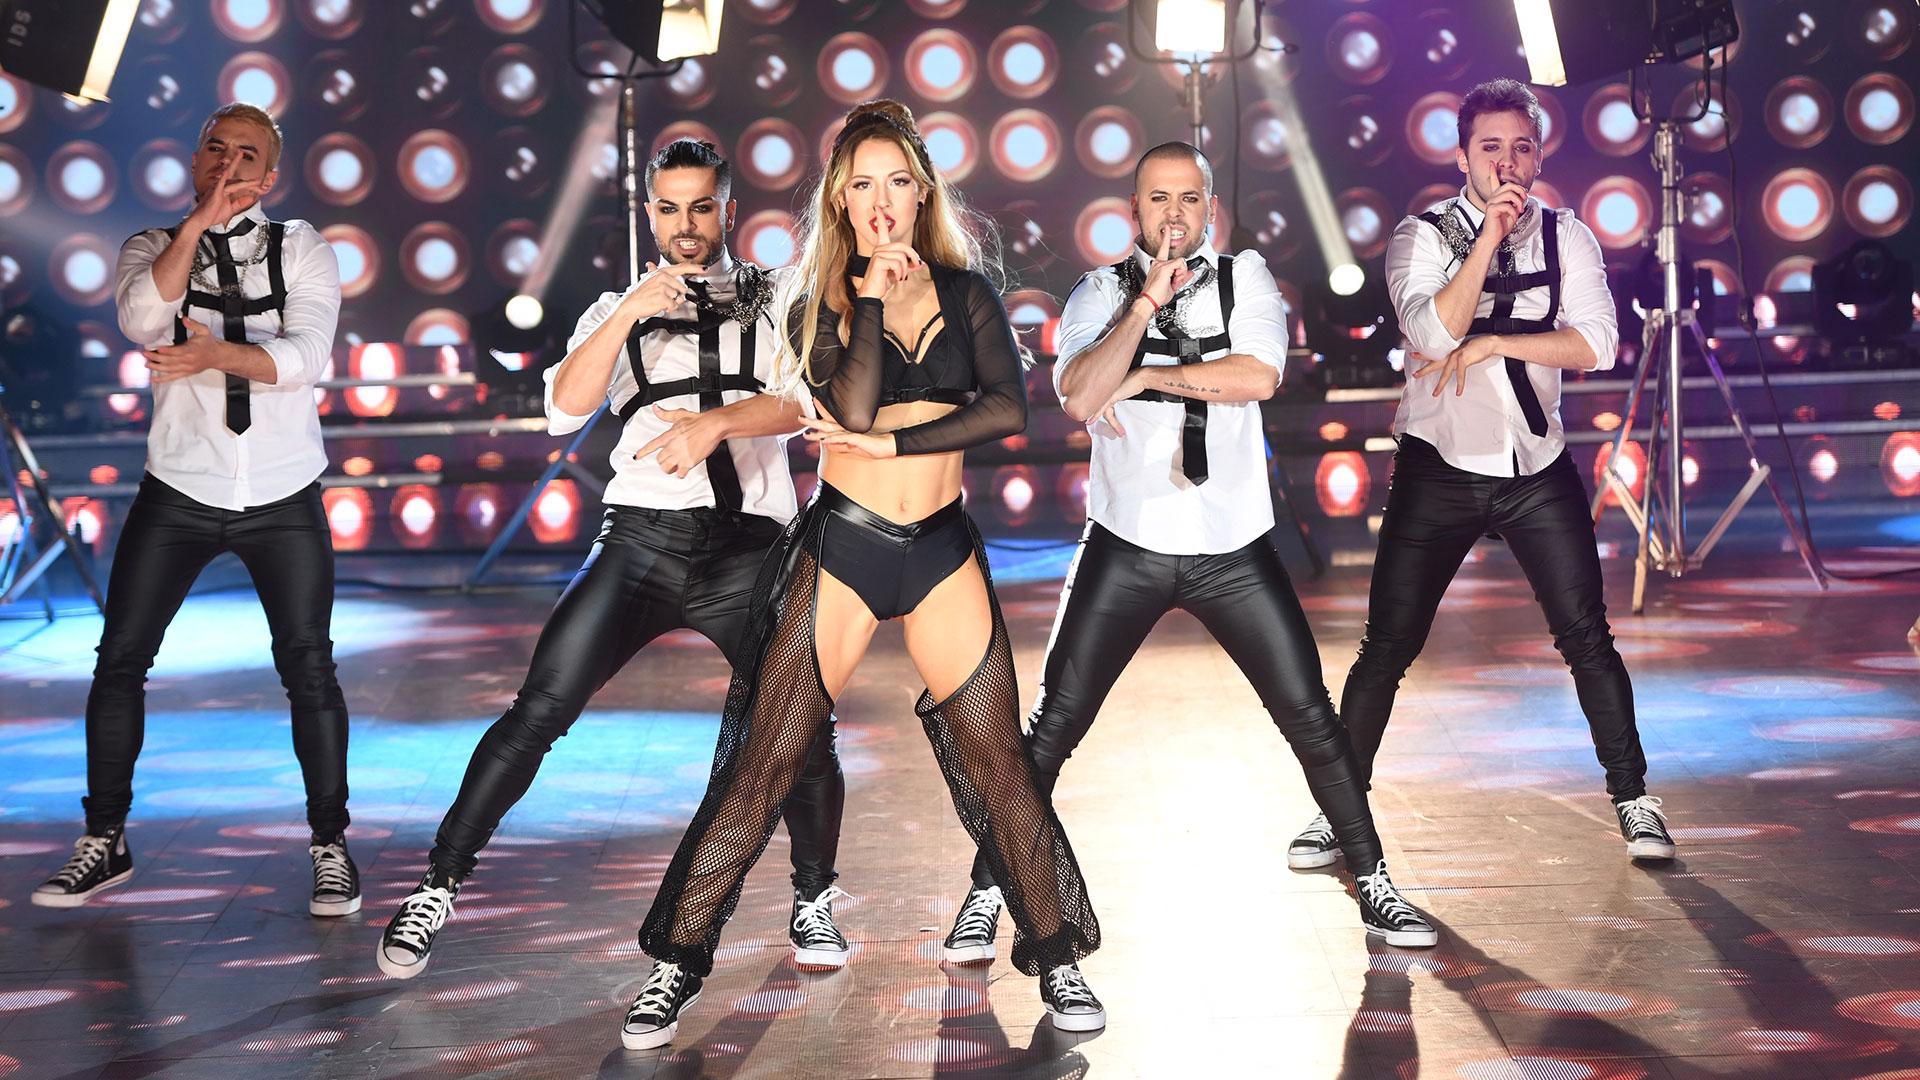 """Flor Vigna y Facundo Mazzei bailaron """"Everybody get up"""" de Five en la pista de """"Showmatch"""". Durante el ciclo, la bailarina se refirió al fugaz romance con su coach, Mati Napp: """"Él es un amor, y también está soltero, pero decidimos frenar. Yo no estoy estable para ninguna persona"""" dijo la ex de Nico Occhiato (Foto: Prensa LaFlia)"""